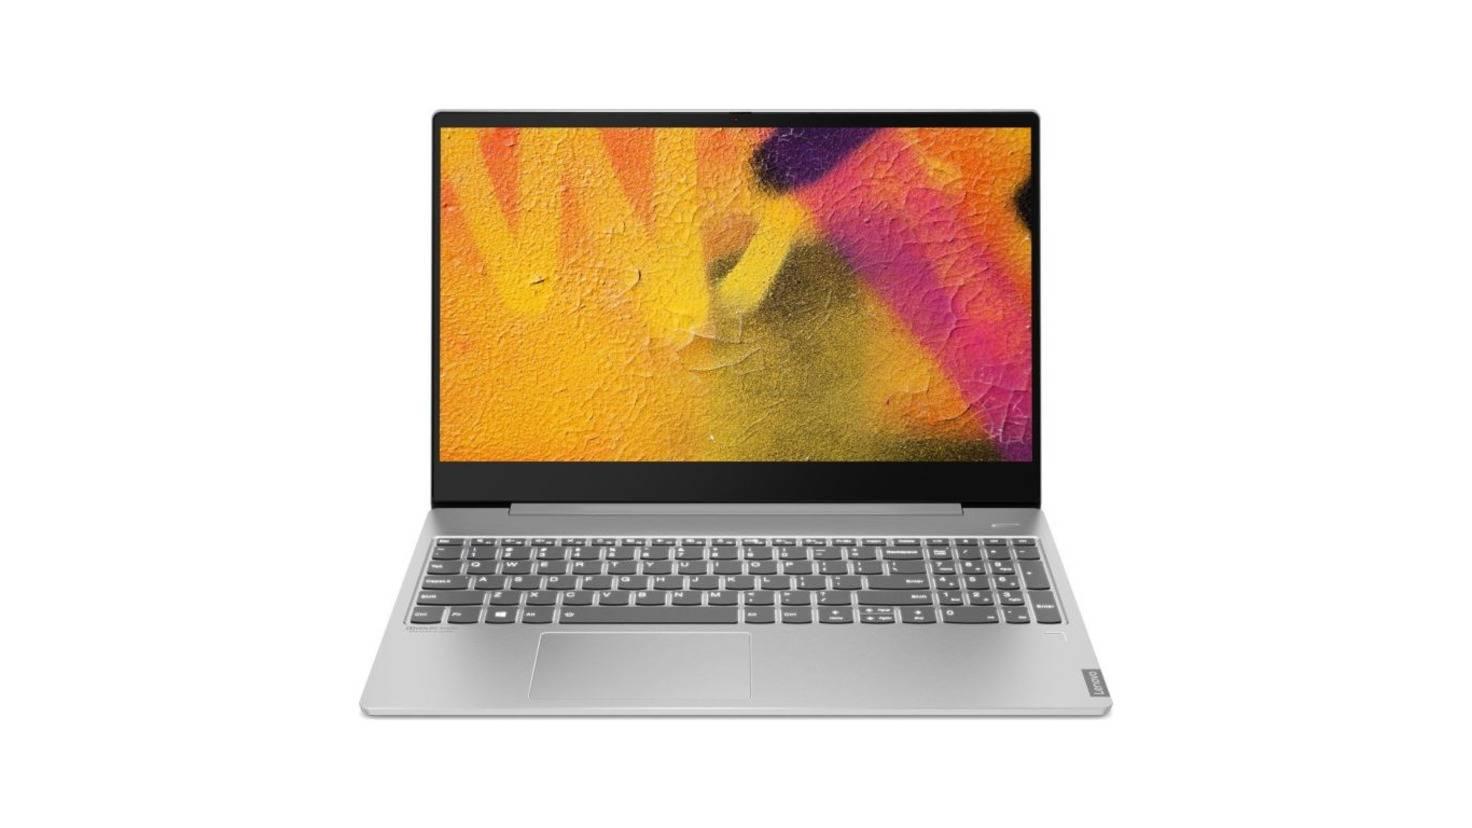 Lenovo-IdeaPad-S540-15IWL